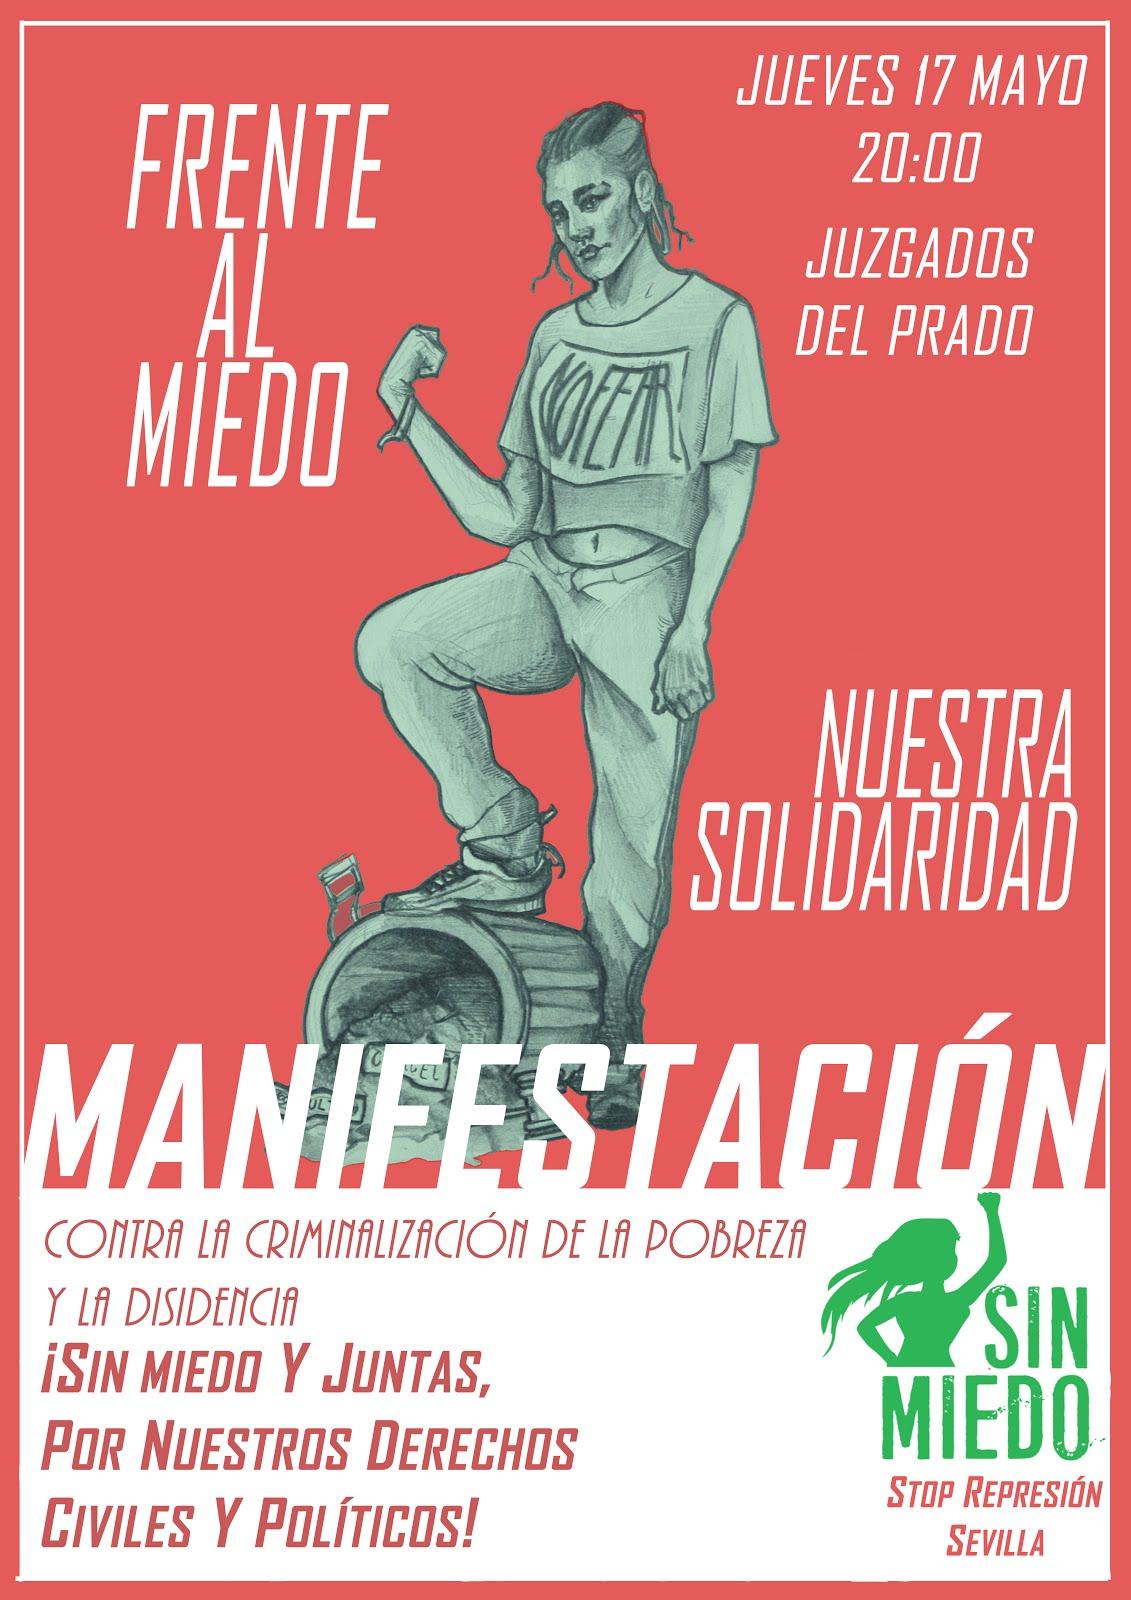 MANIFESTACIÓN: FRENTE AL MIEDO, NUESTRA SOLIDARIDAD